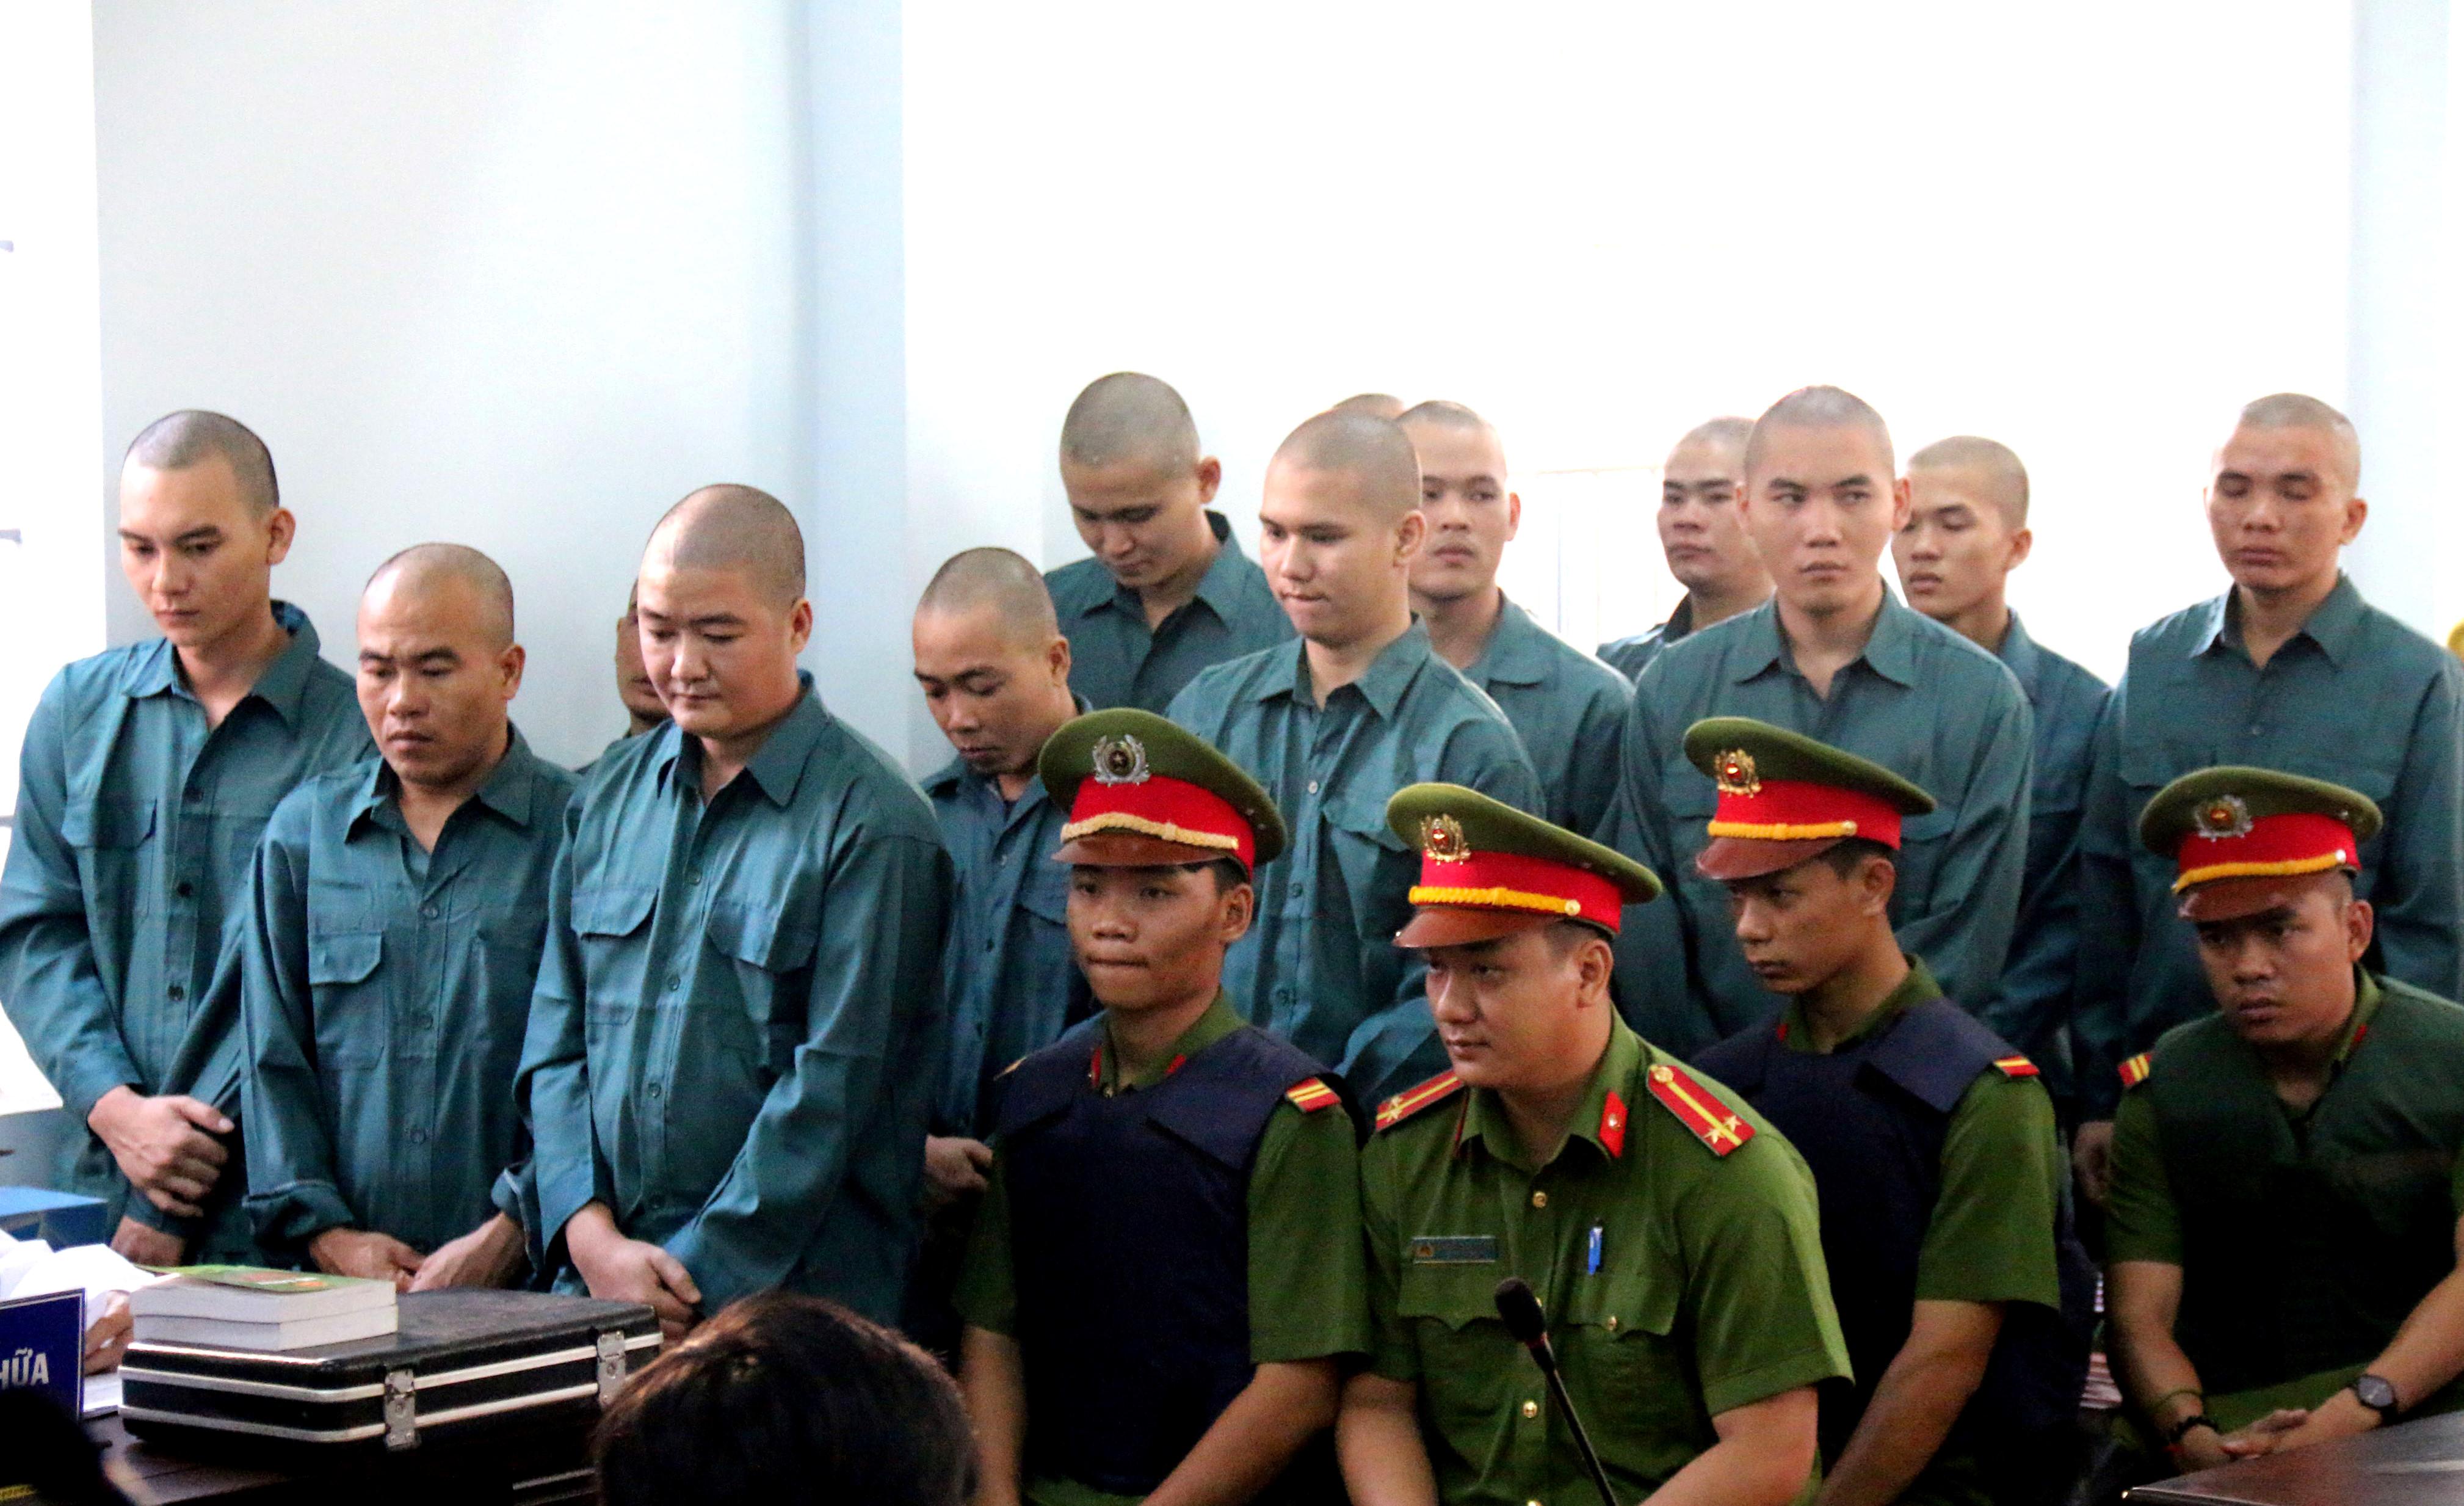 30 người quá khích tấn công trụ sở công quyền ở Bình Thuận lĩnh án Ảnh 1